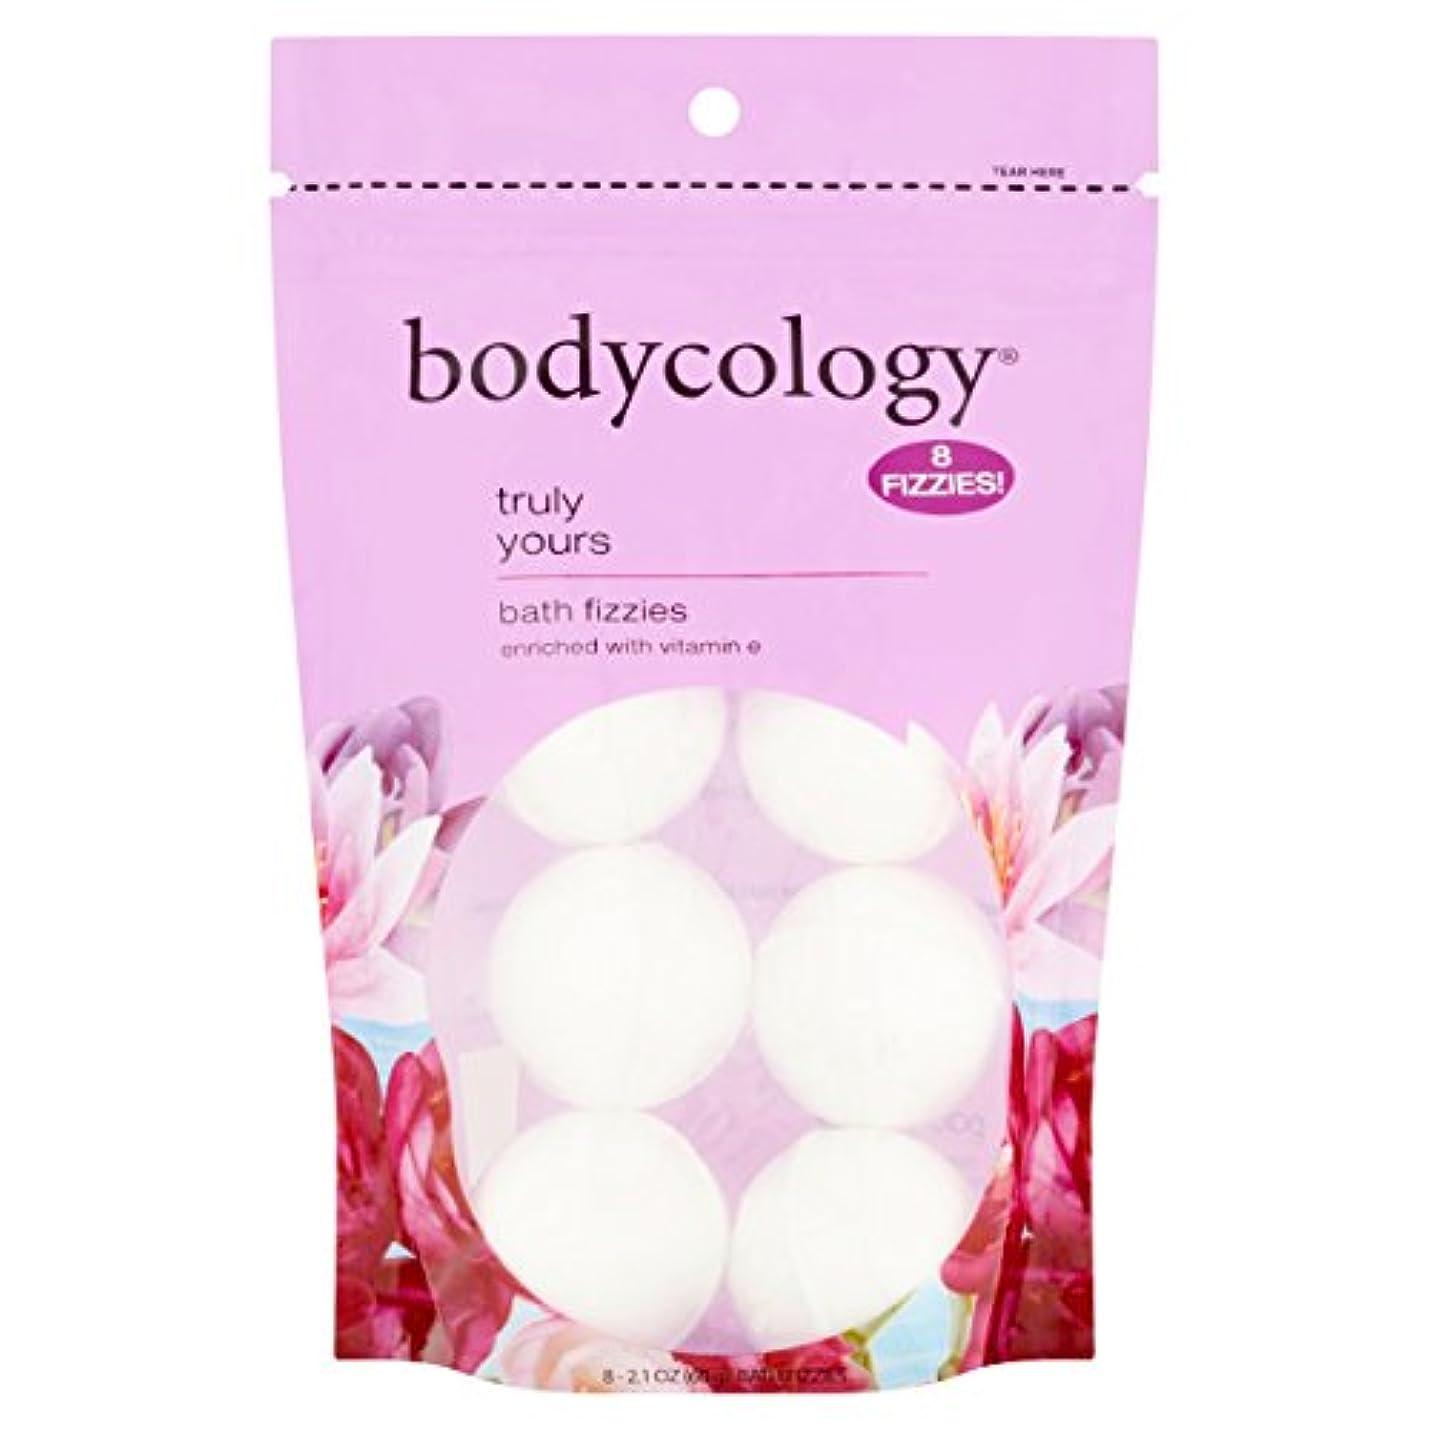 ペフ統治する派手Bodycology 敬具バースFizzies爆弾8から2.1オズボールを浸し